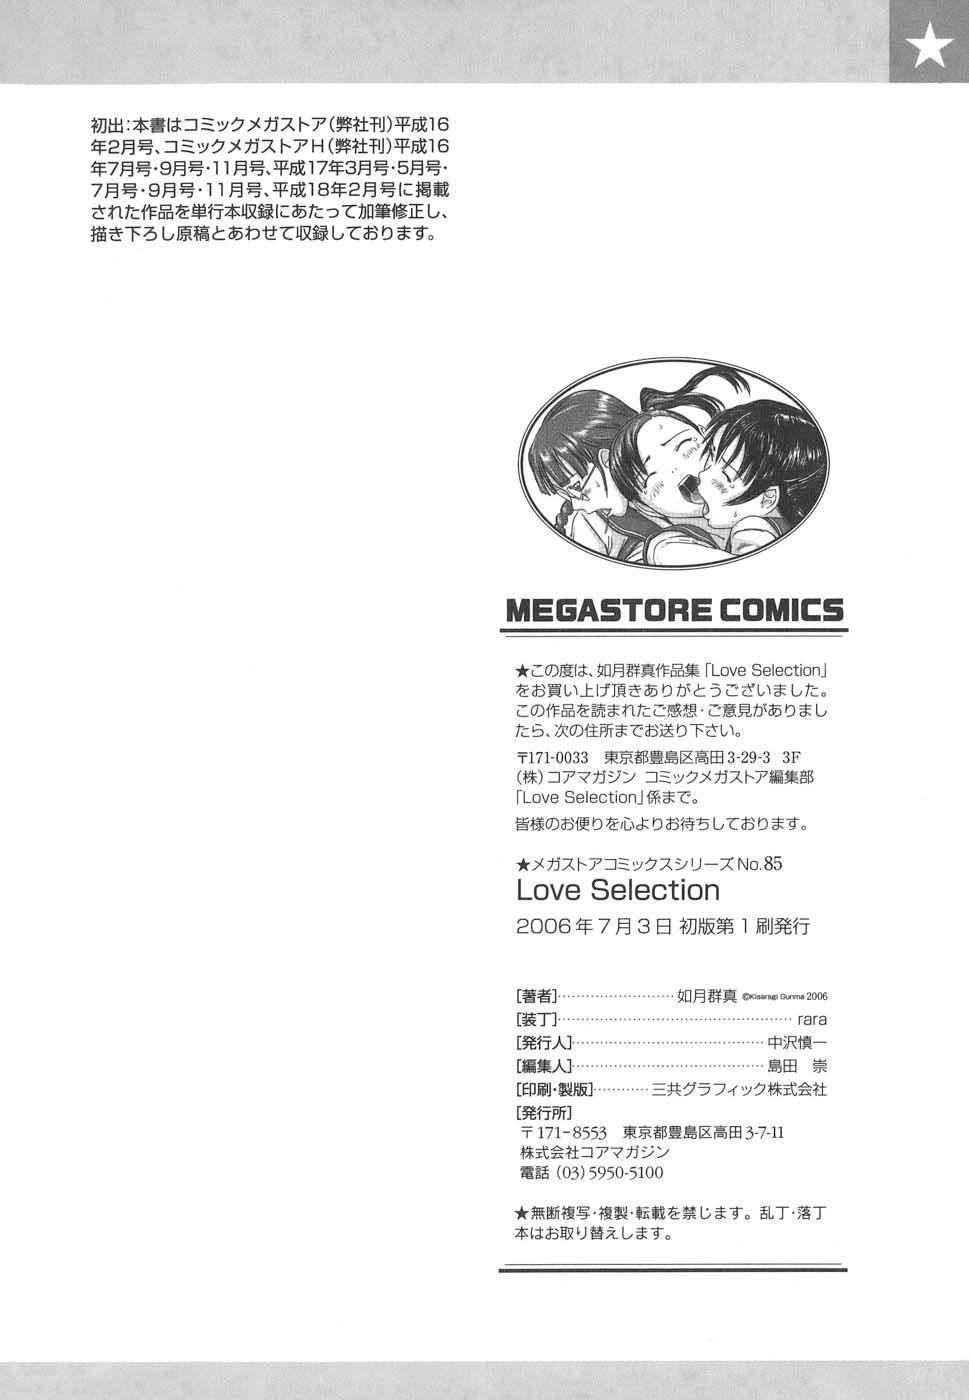 Kisaragi Gunma] Love Selection 232